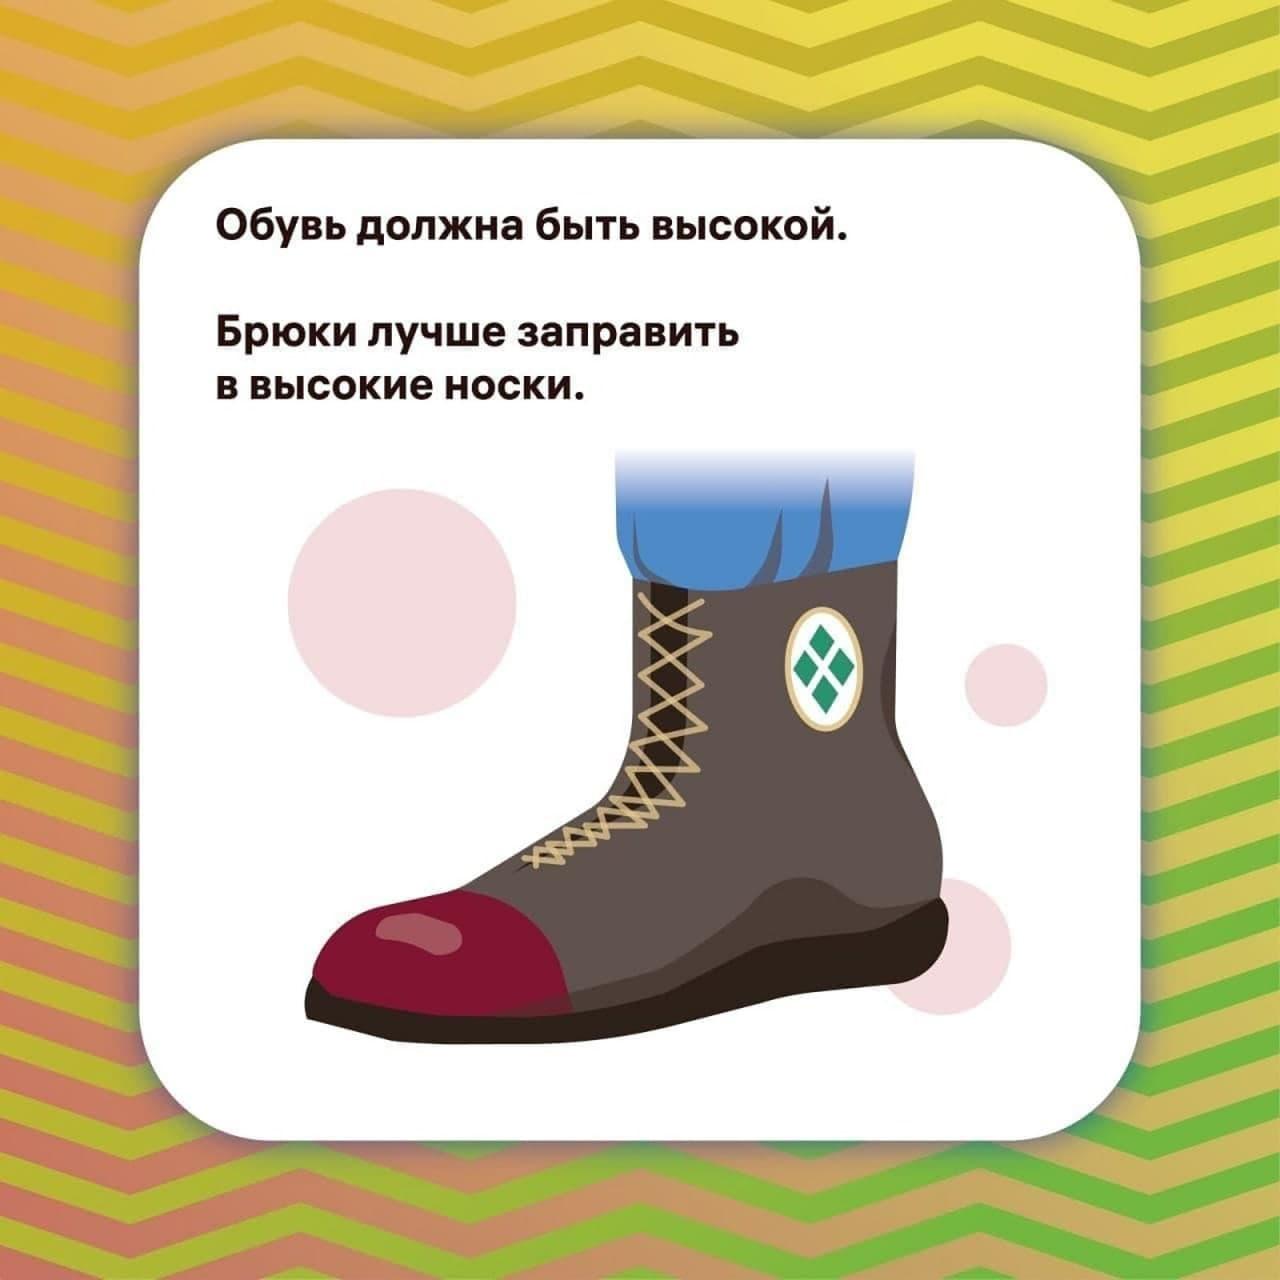 Обувь должна быть высокой